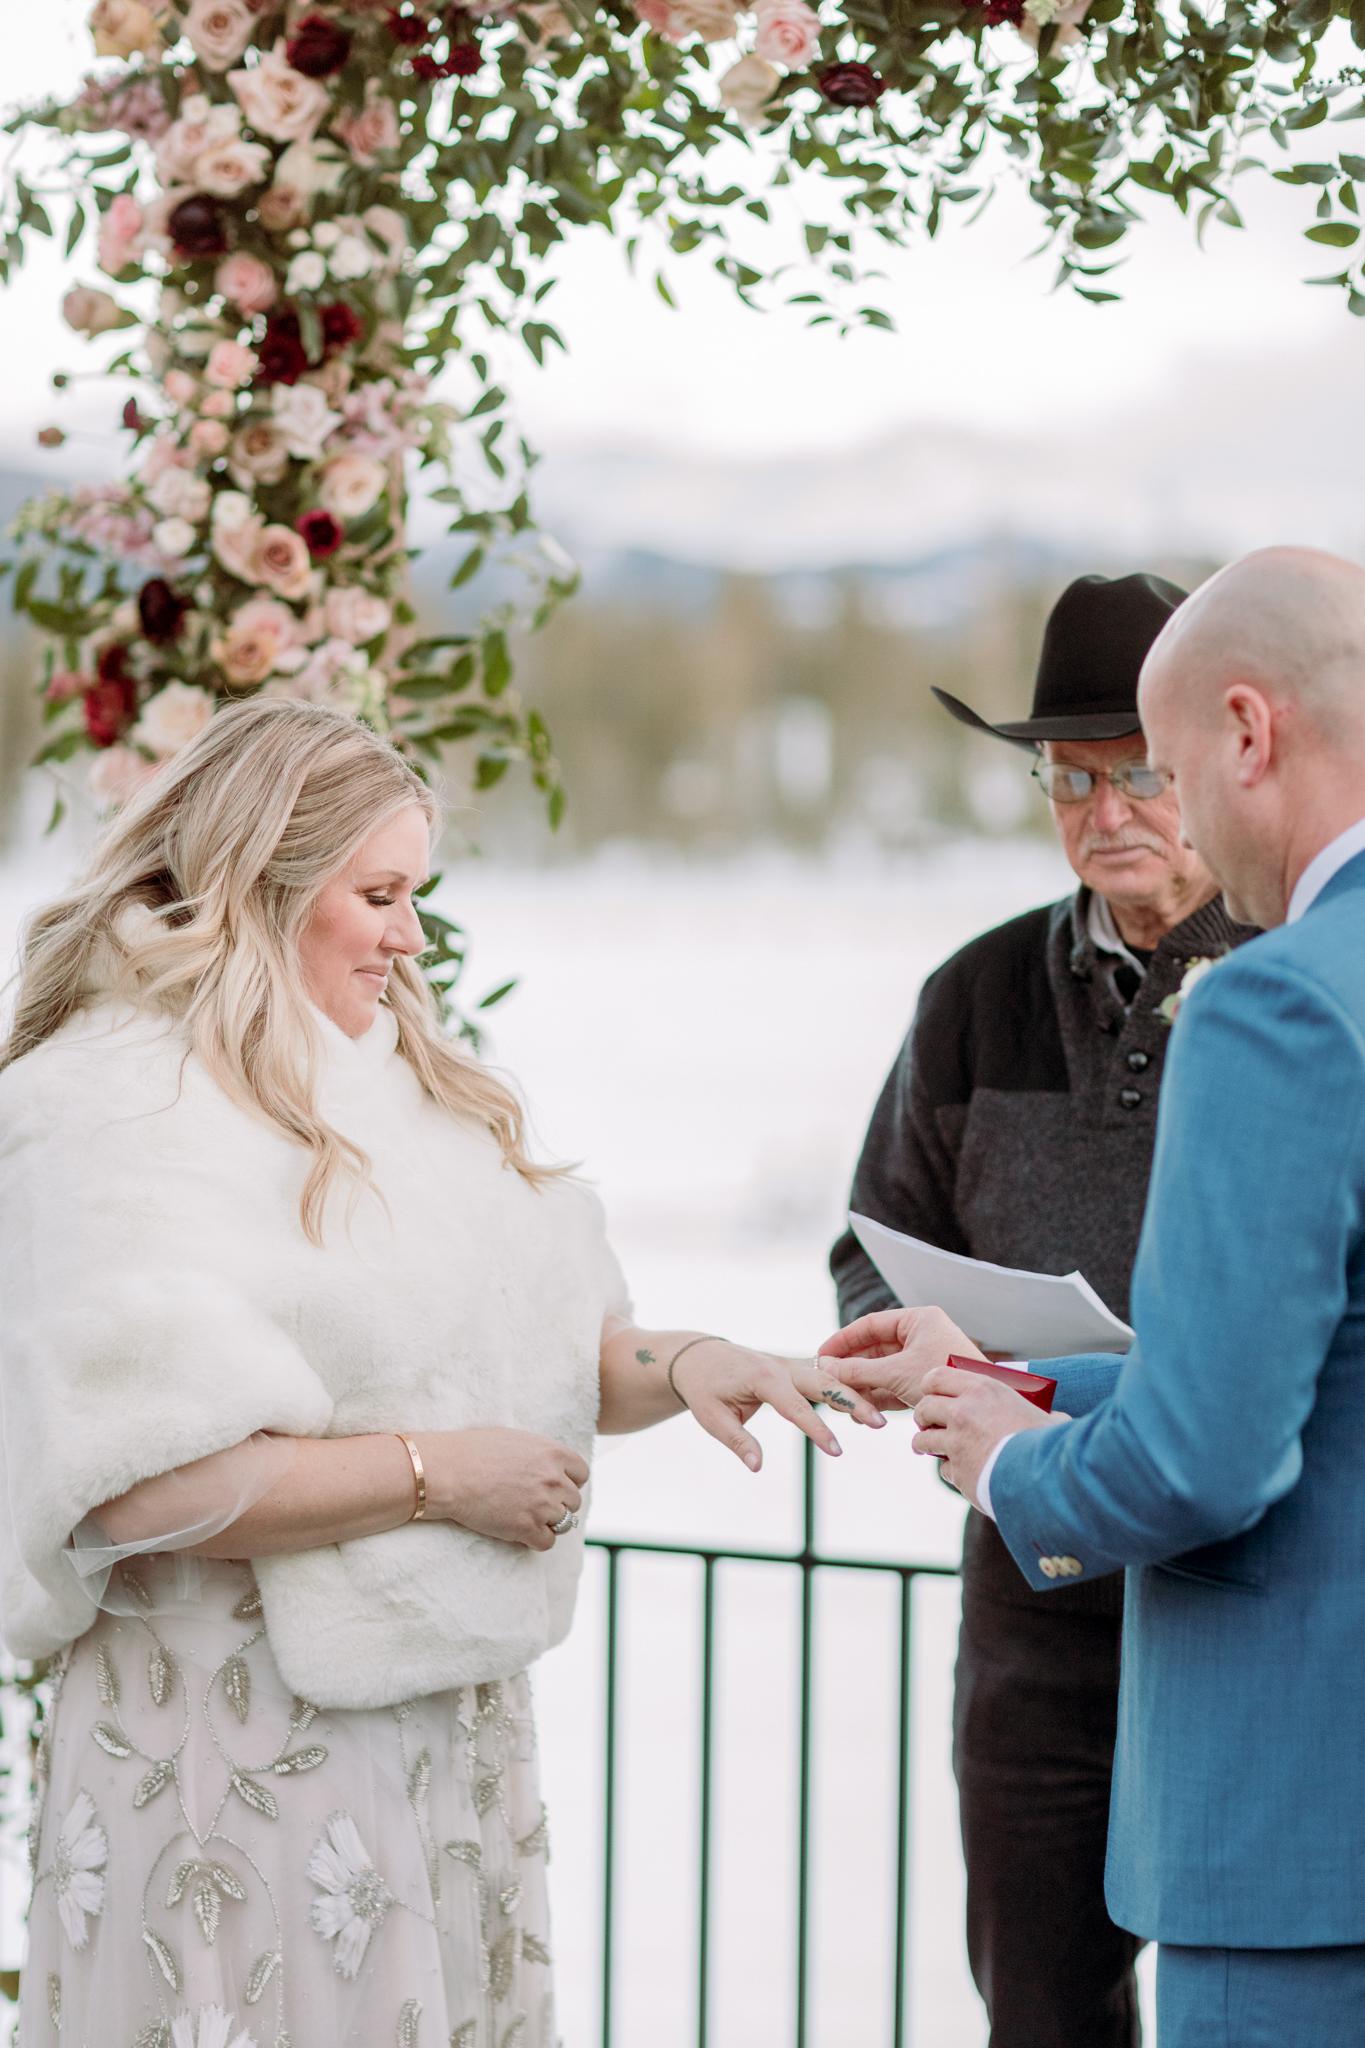 Devils-Thumb-Ranch-Tabernash-Colorado-Winter-Broad-Axe-Barn-Wedding-Deck-Ceremony-Bride-and-Groom-Rings